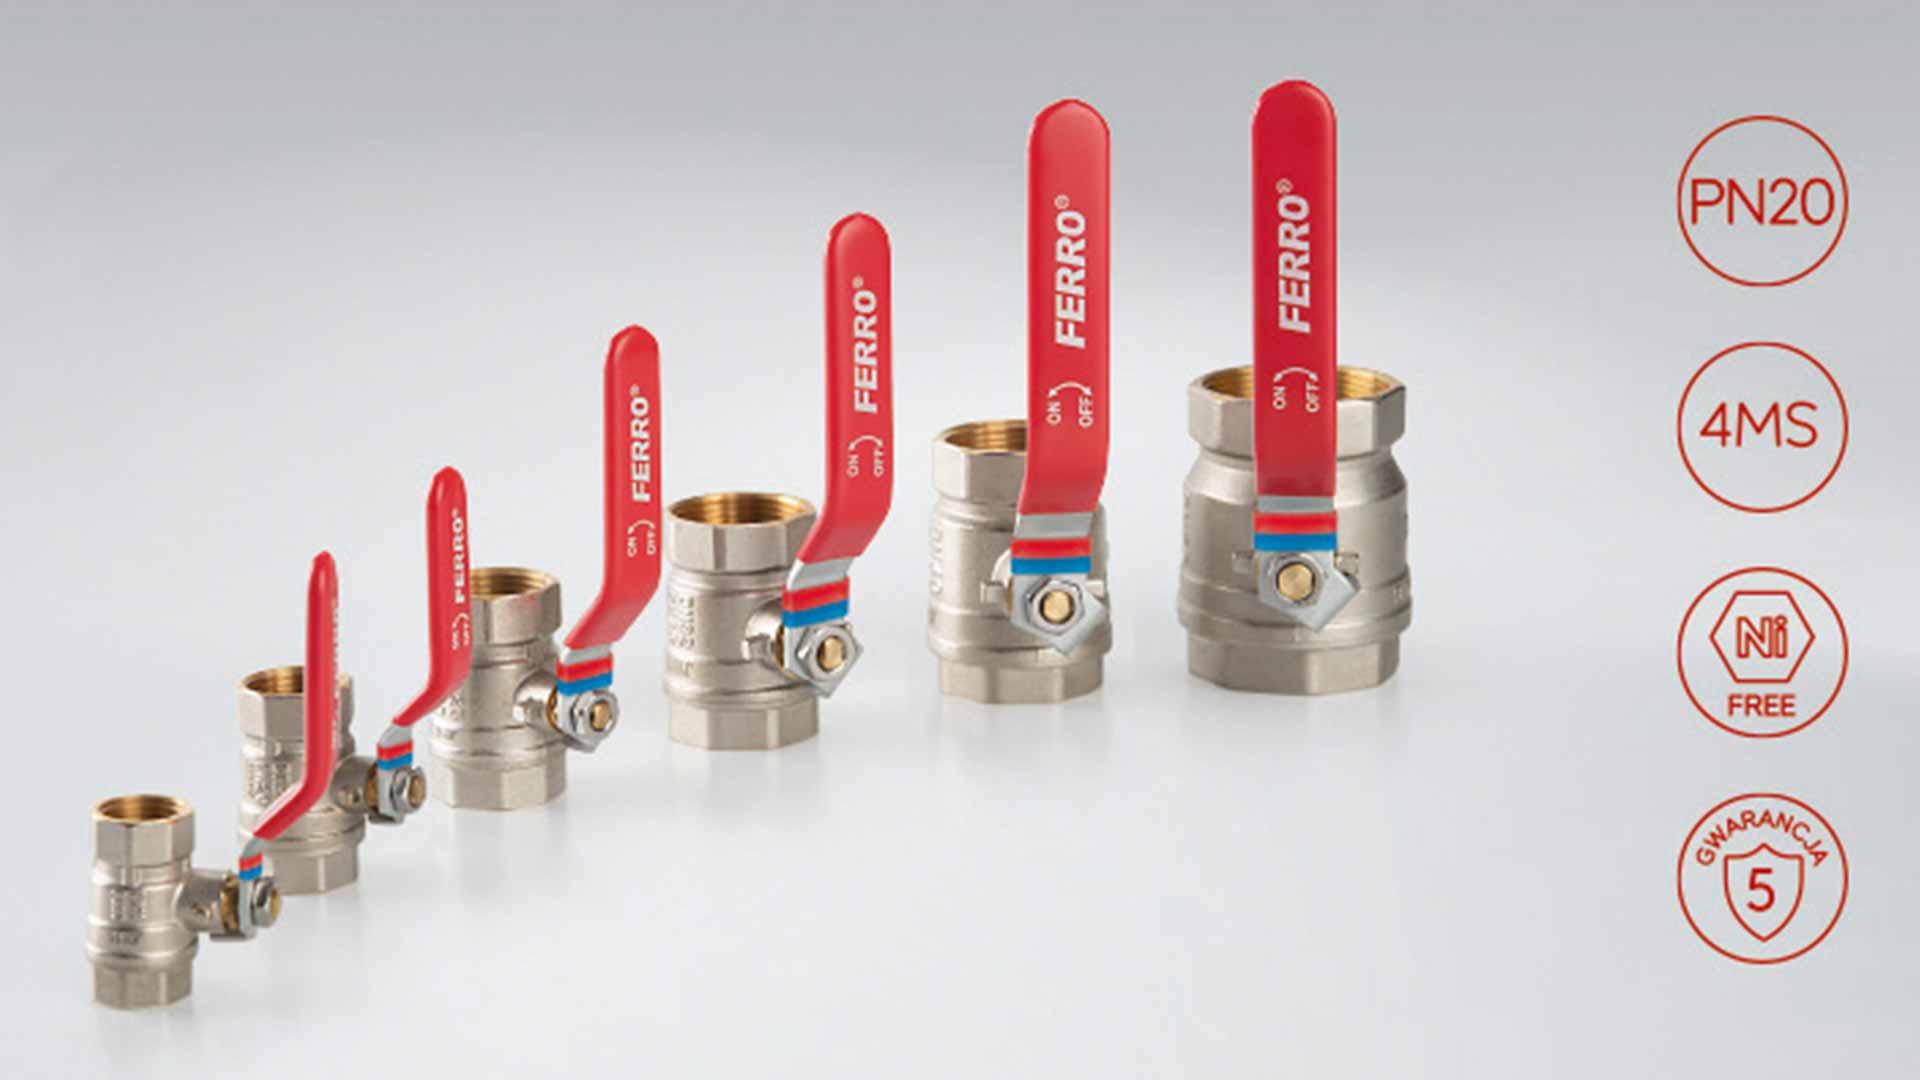 Ferro wprowadza nowy standard wzmocnionego mosiądzu 4MS - Ferro F-Comfort